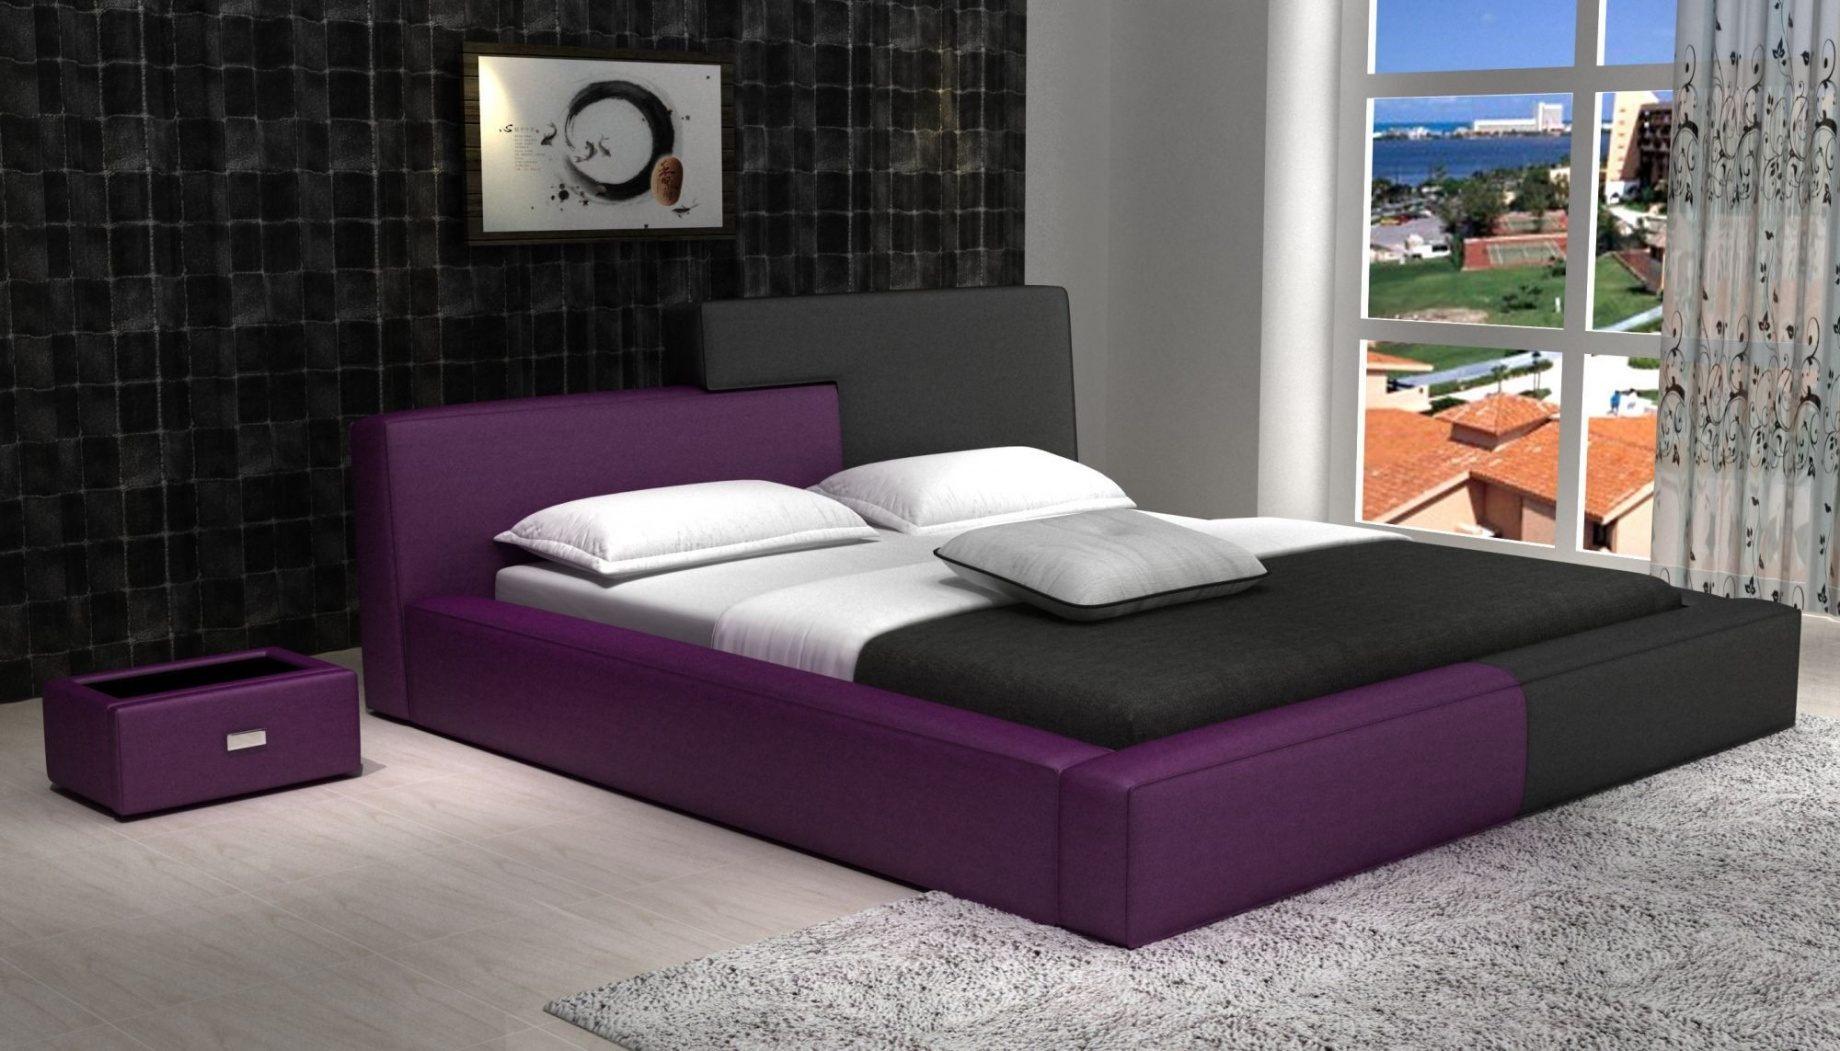 Lit Superposé Evolutif Luxe Captivant Canapé Lit Moderne Dans Lit Biné Armoire Fresh Lit